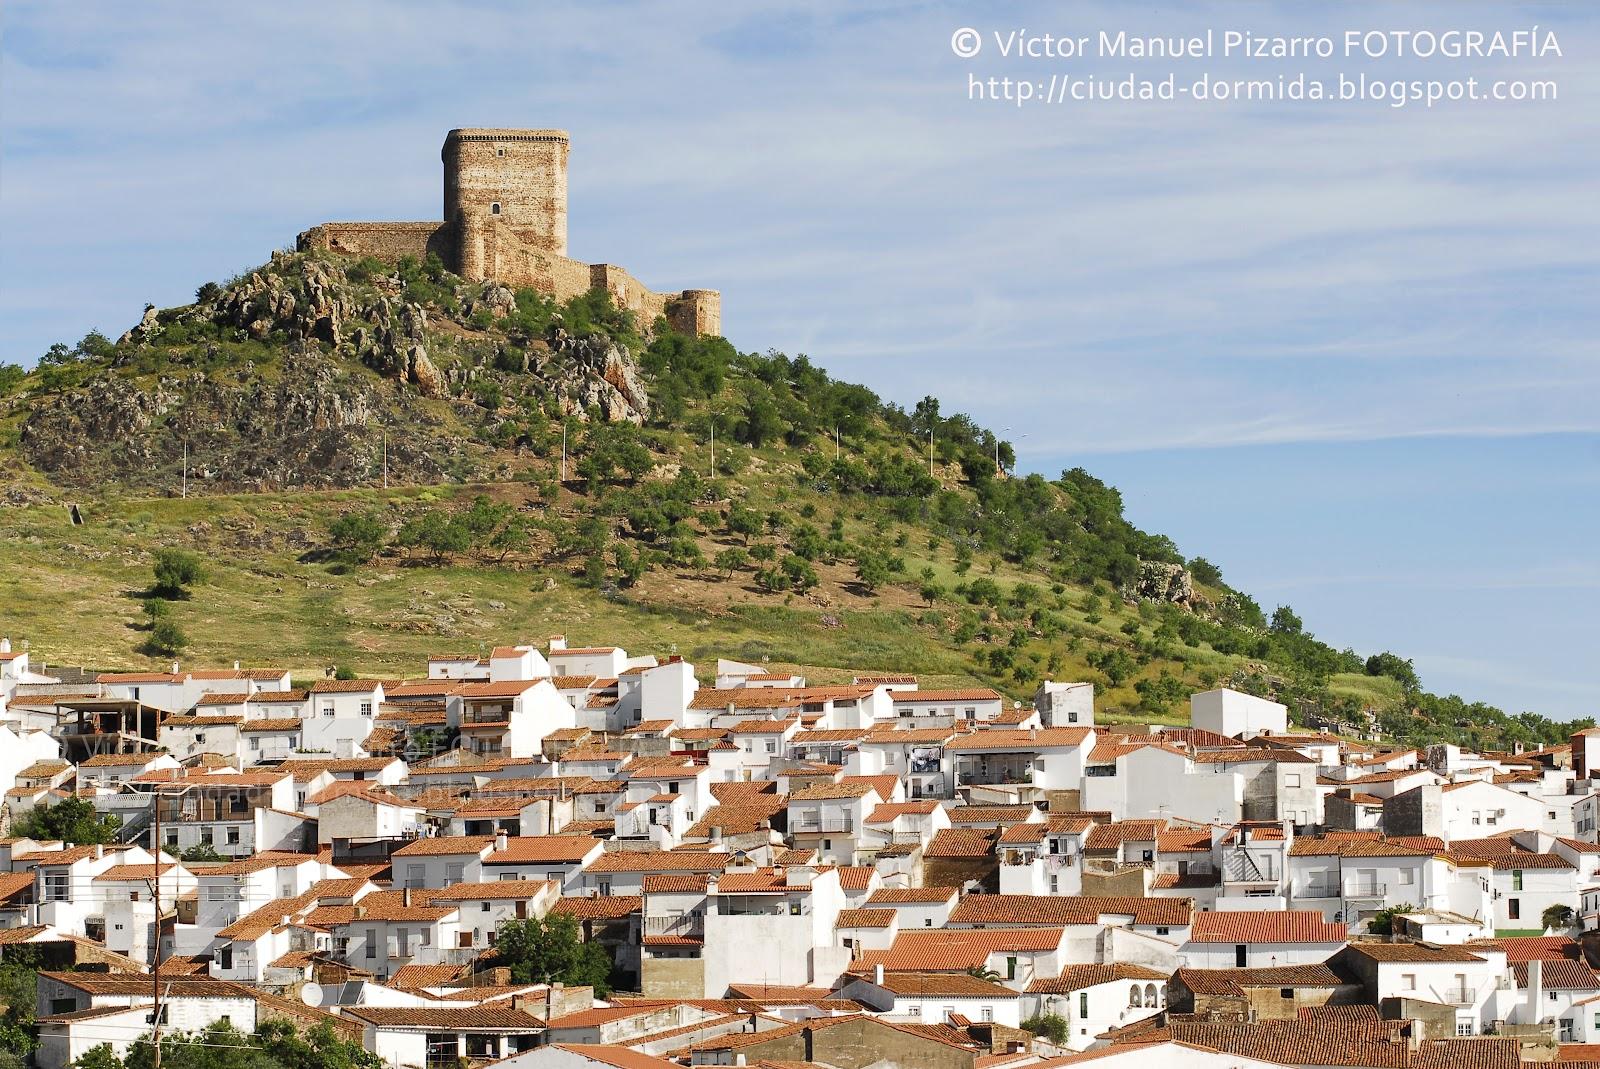 Tierra de Barros, la comarca de los barros rojos (Badajoz, Extremadura, Españ...